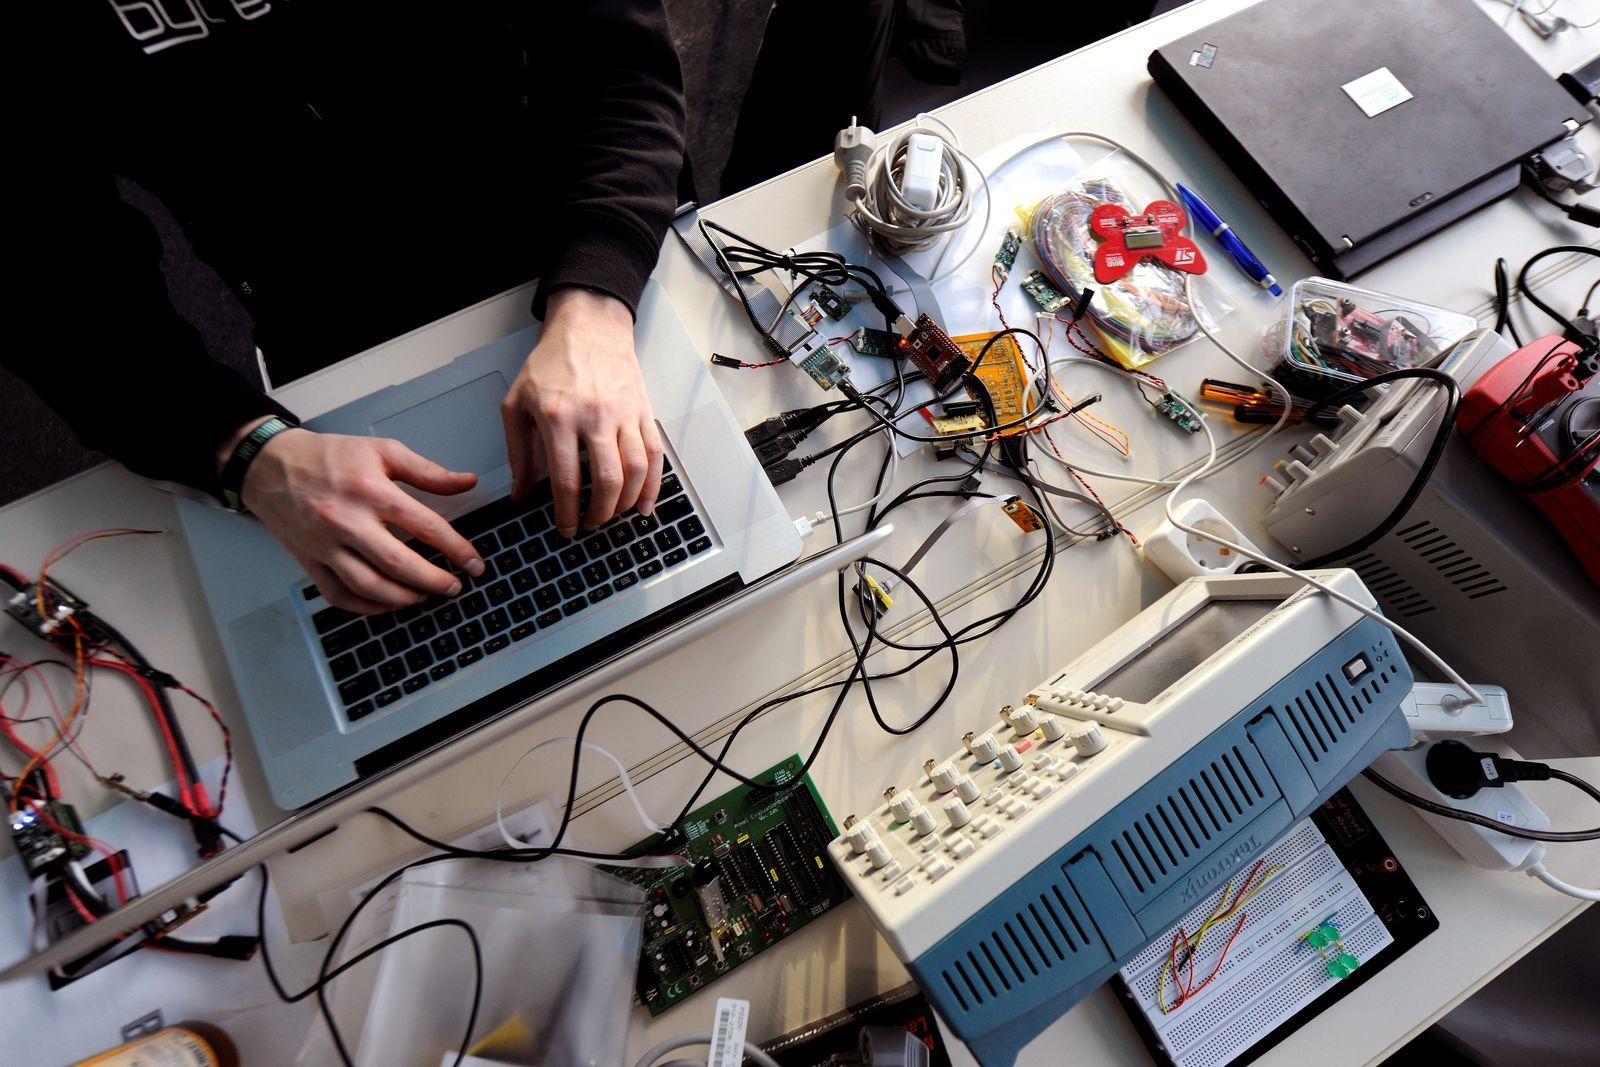 Internet/ Hacker